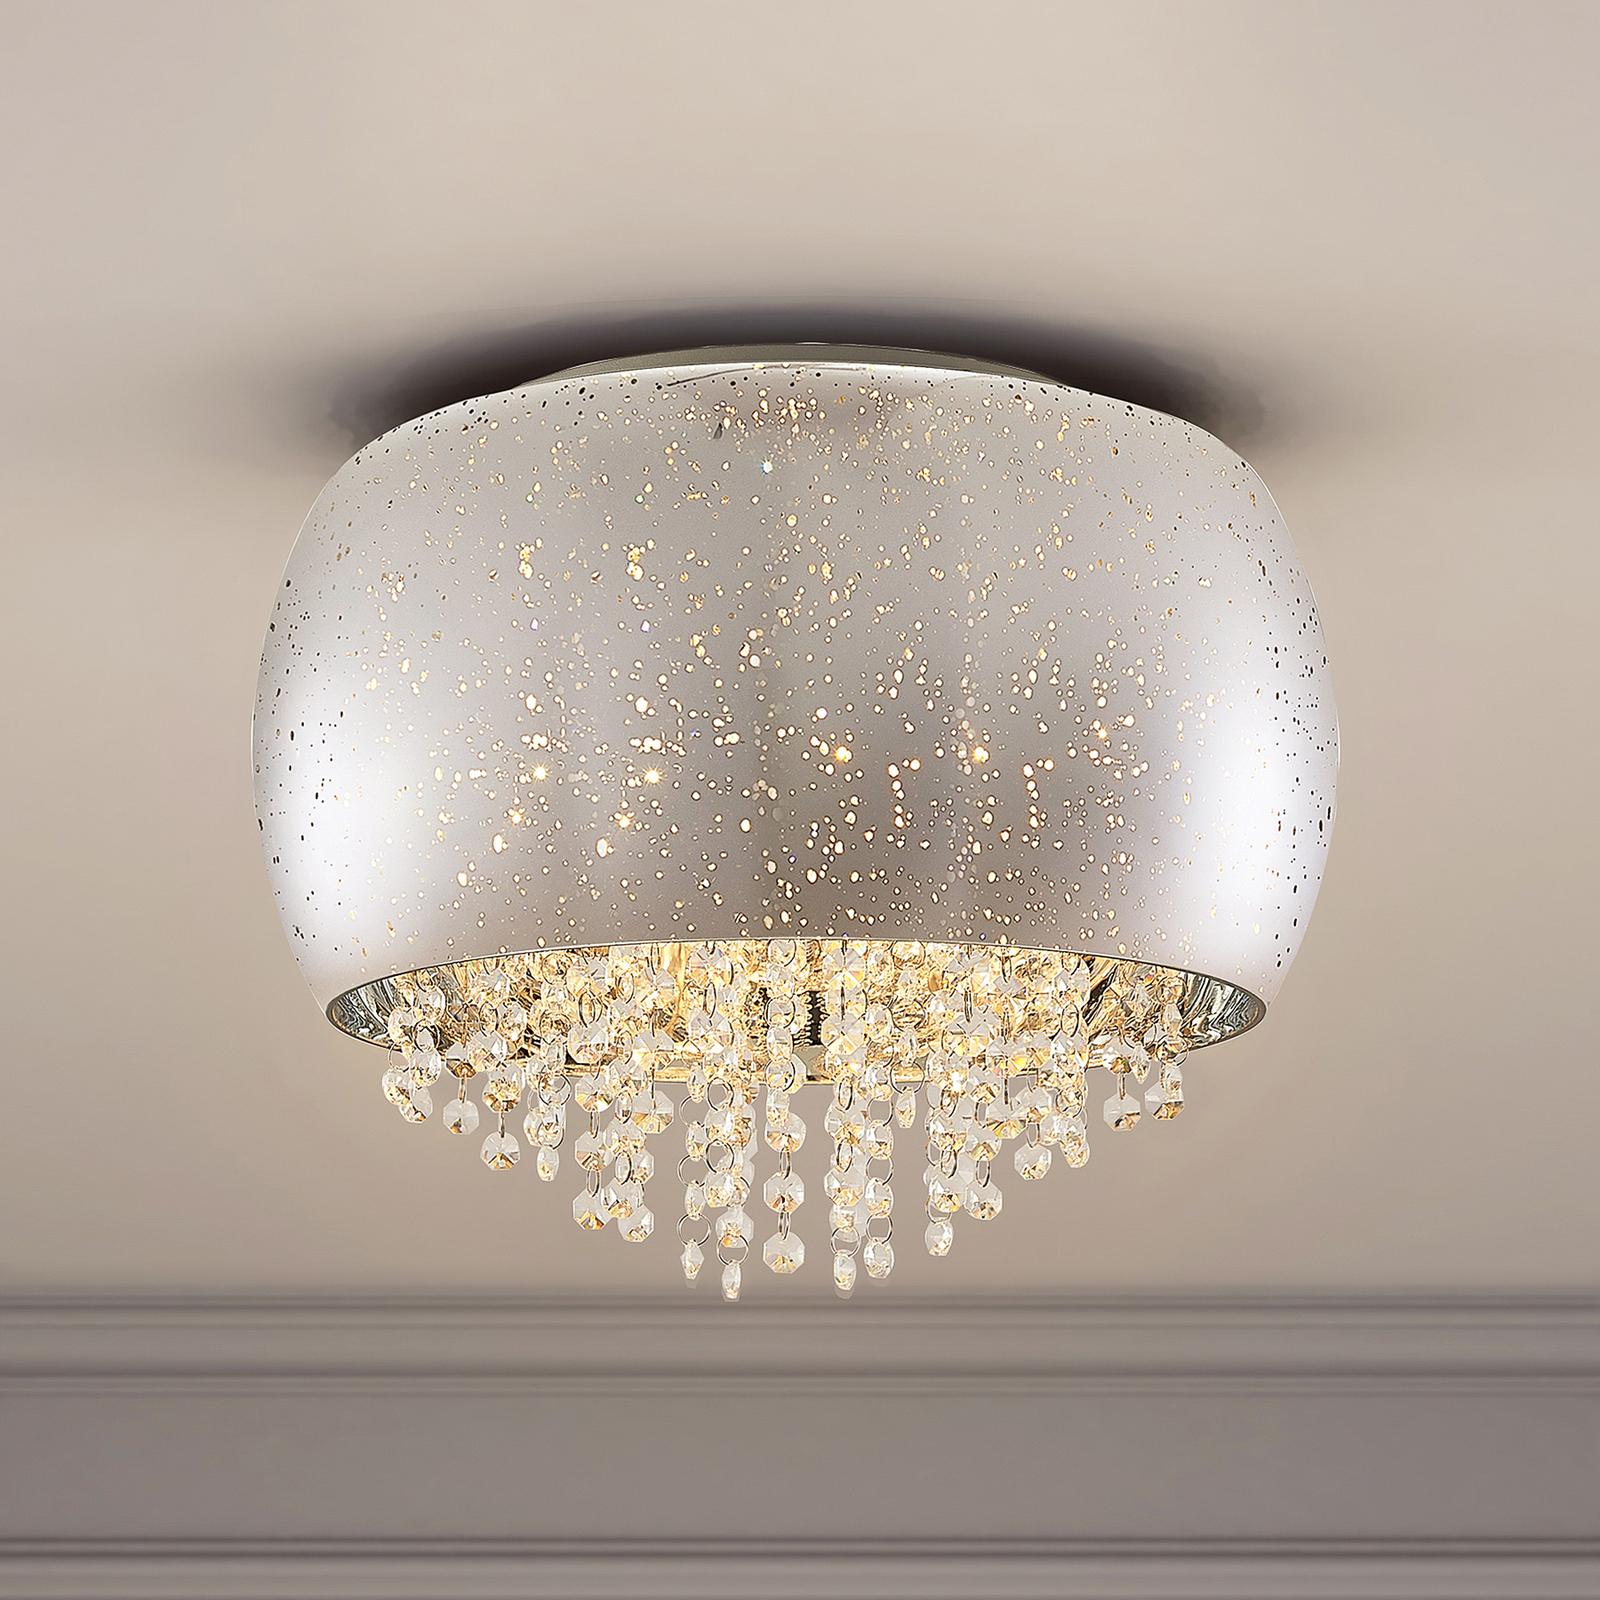 Lucande Elinara krystall-taklampe, 5 lys krom